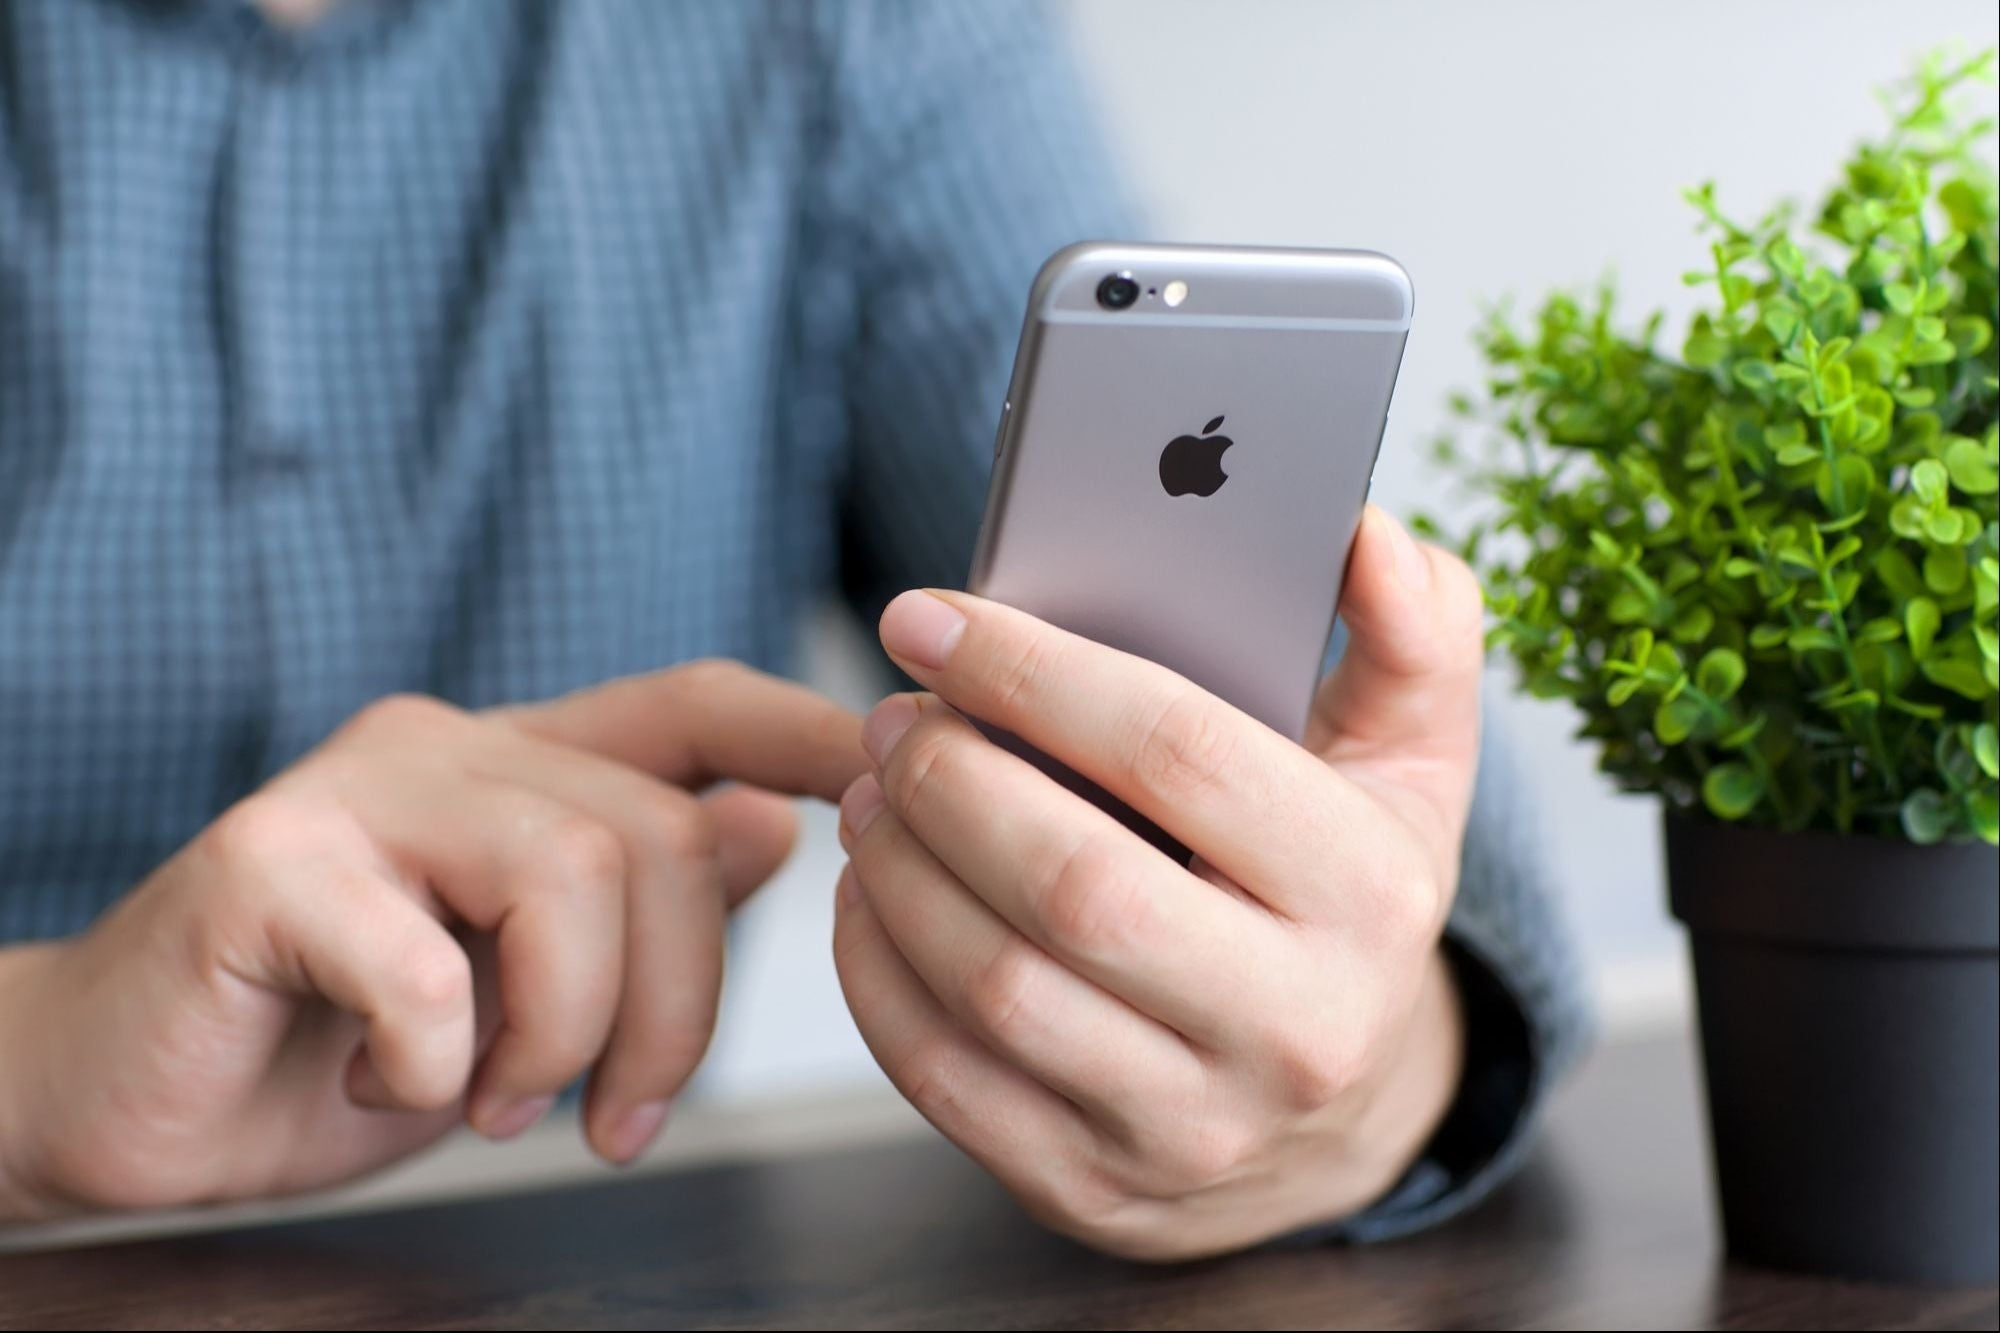 Apple enfrenta demanda por 1,400 millones de pesos, acusan obsolescencia programada del iPhone 6